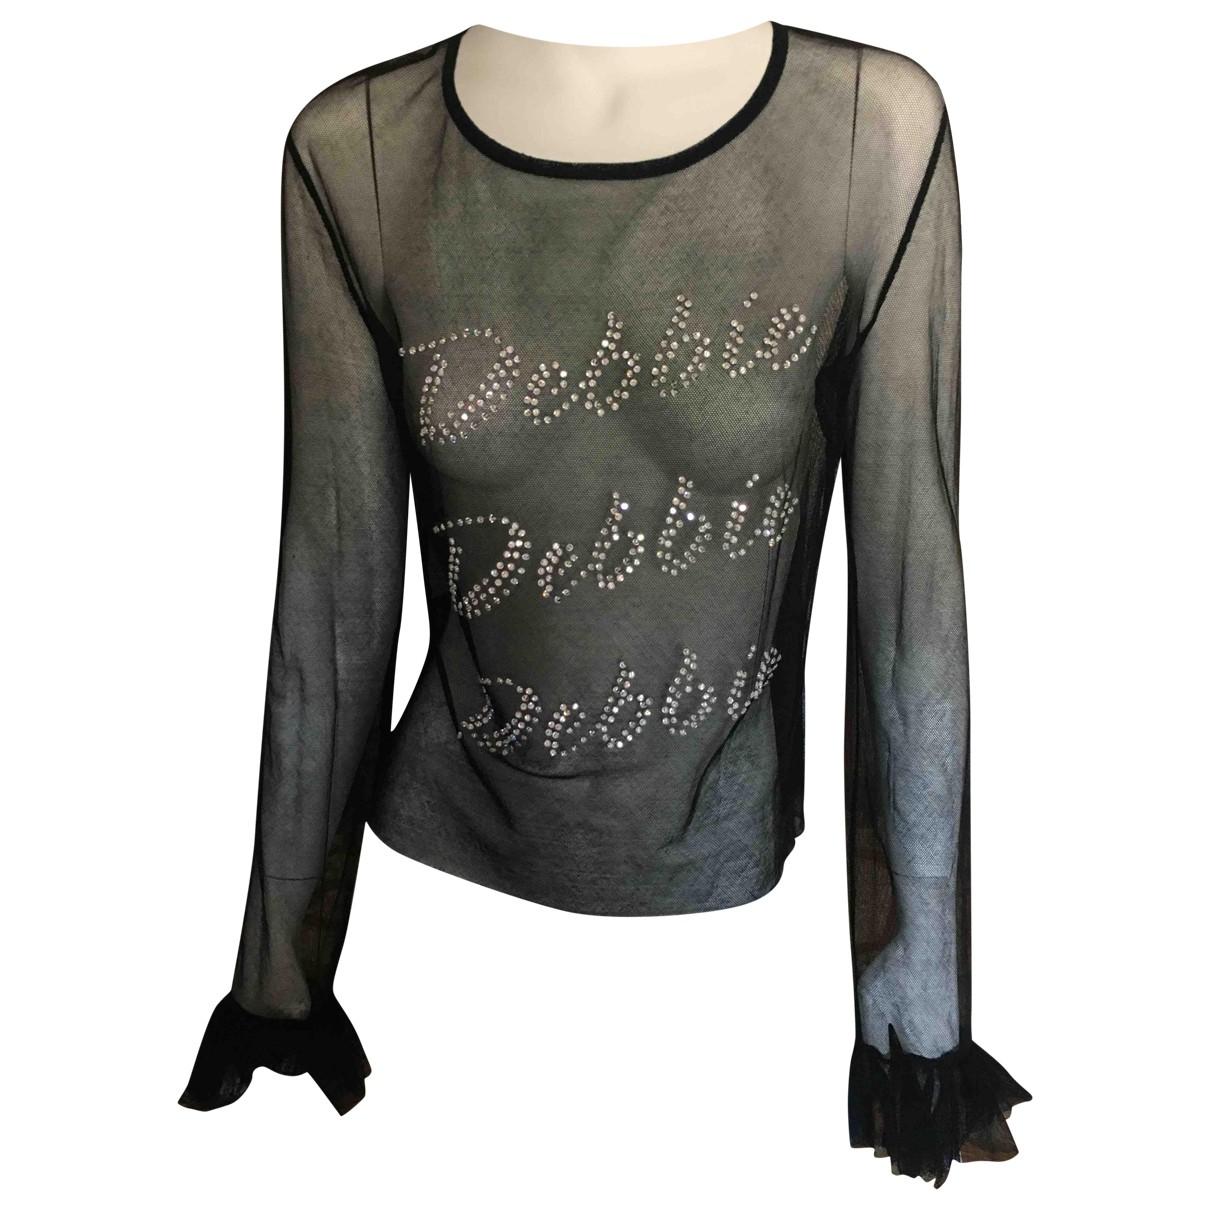 Dolce & Gabbana - Top   pour femme en dentelle - noir